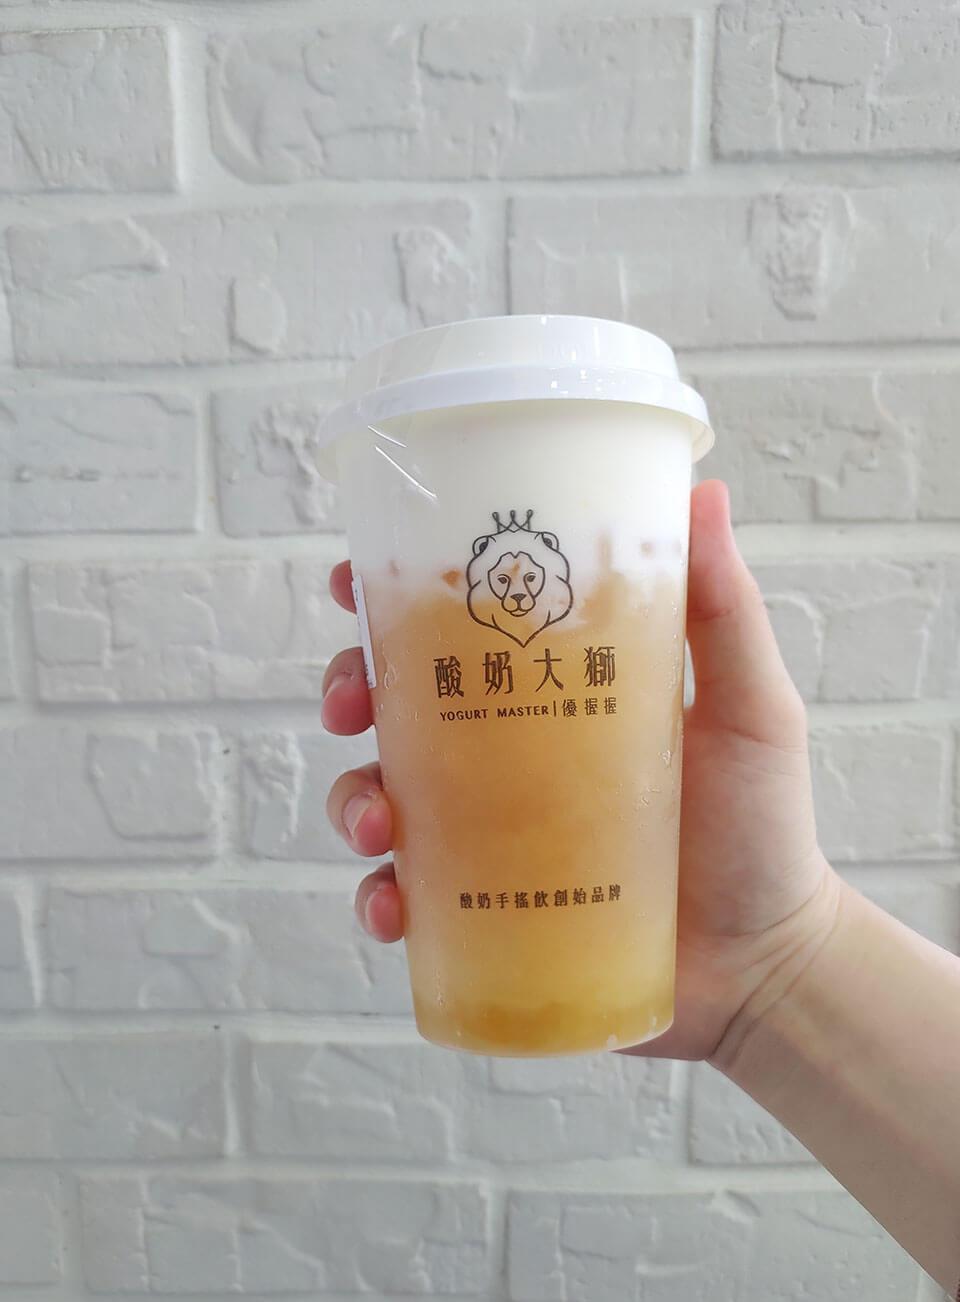 金柚蜜酸奶蓋 中 NT.55